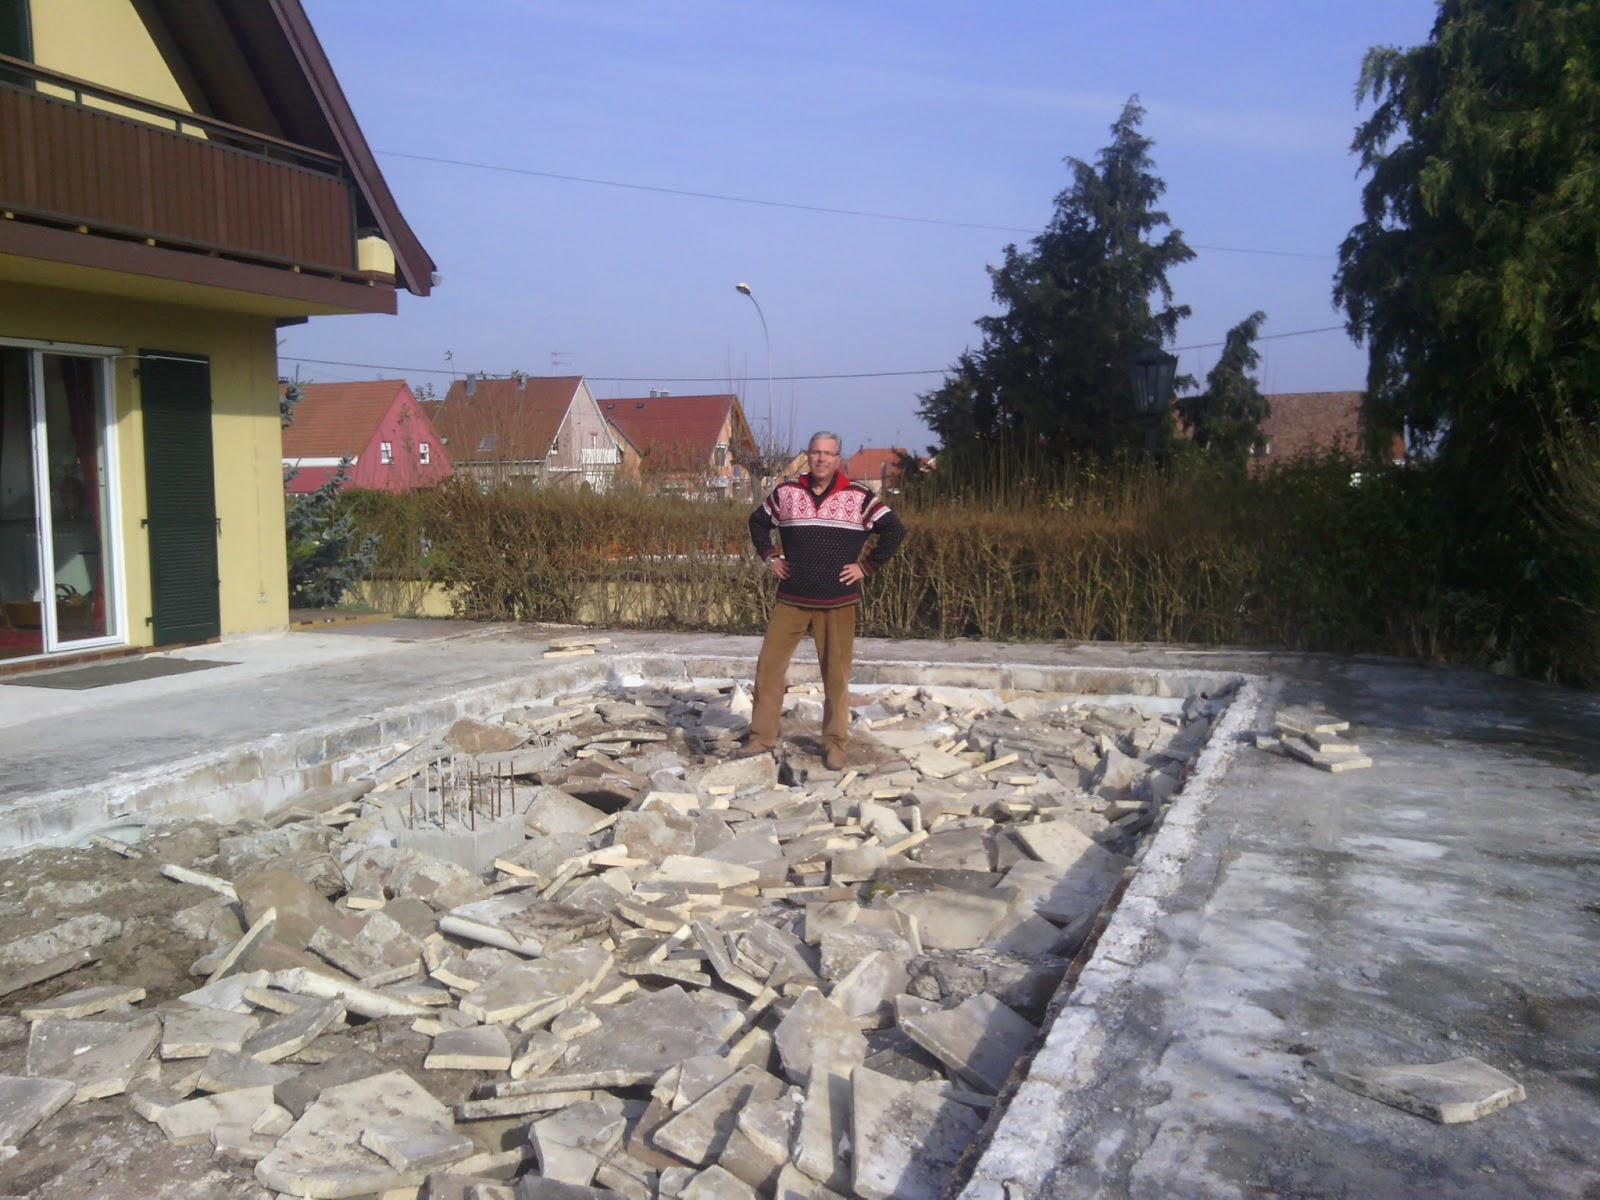 Jardin alsace vignoble for Combler une piscine